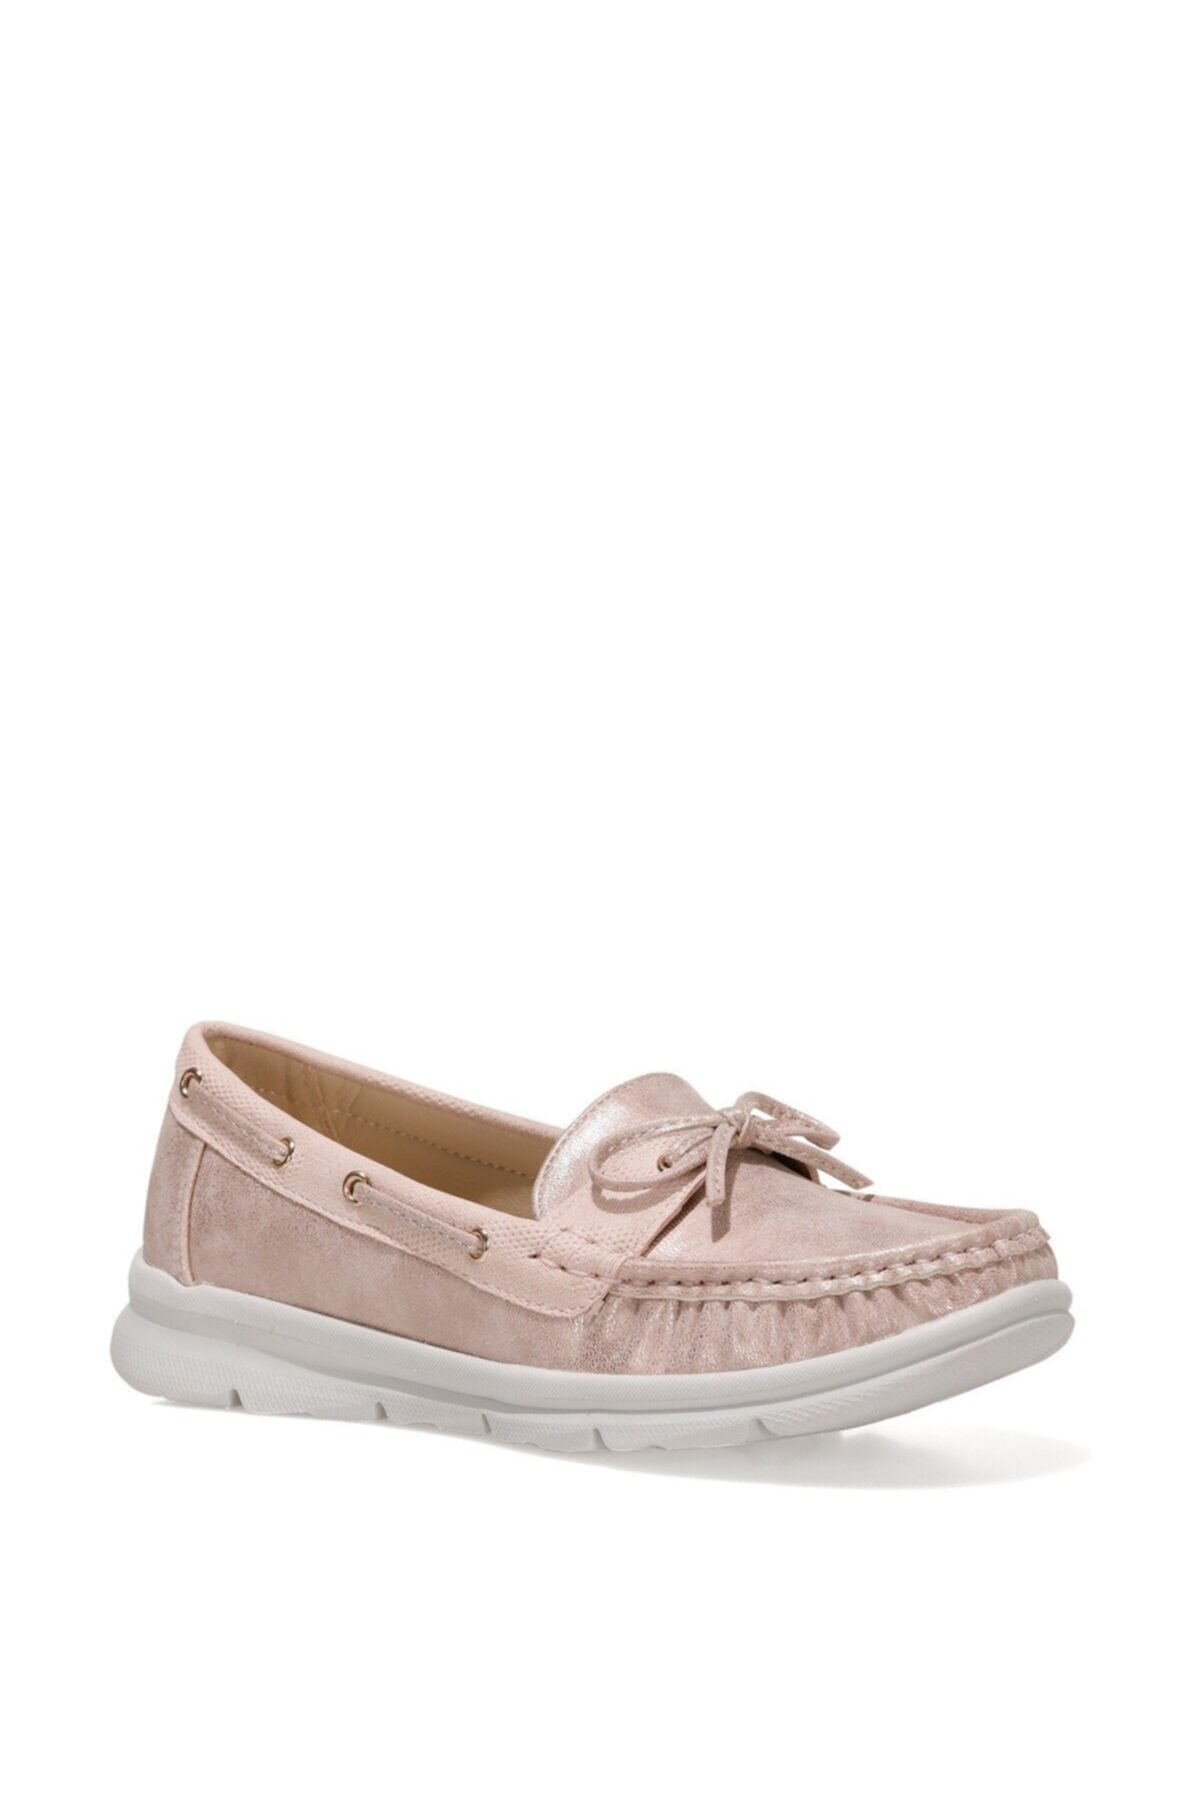 Nine West MARIO 1FX Pembe Kadın Loafer Ayakkabı 101015522 2